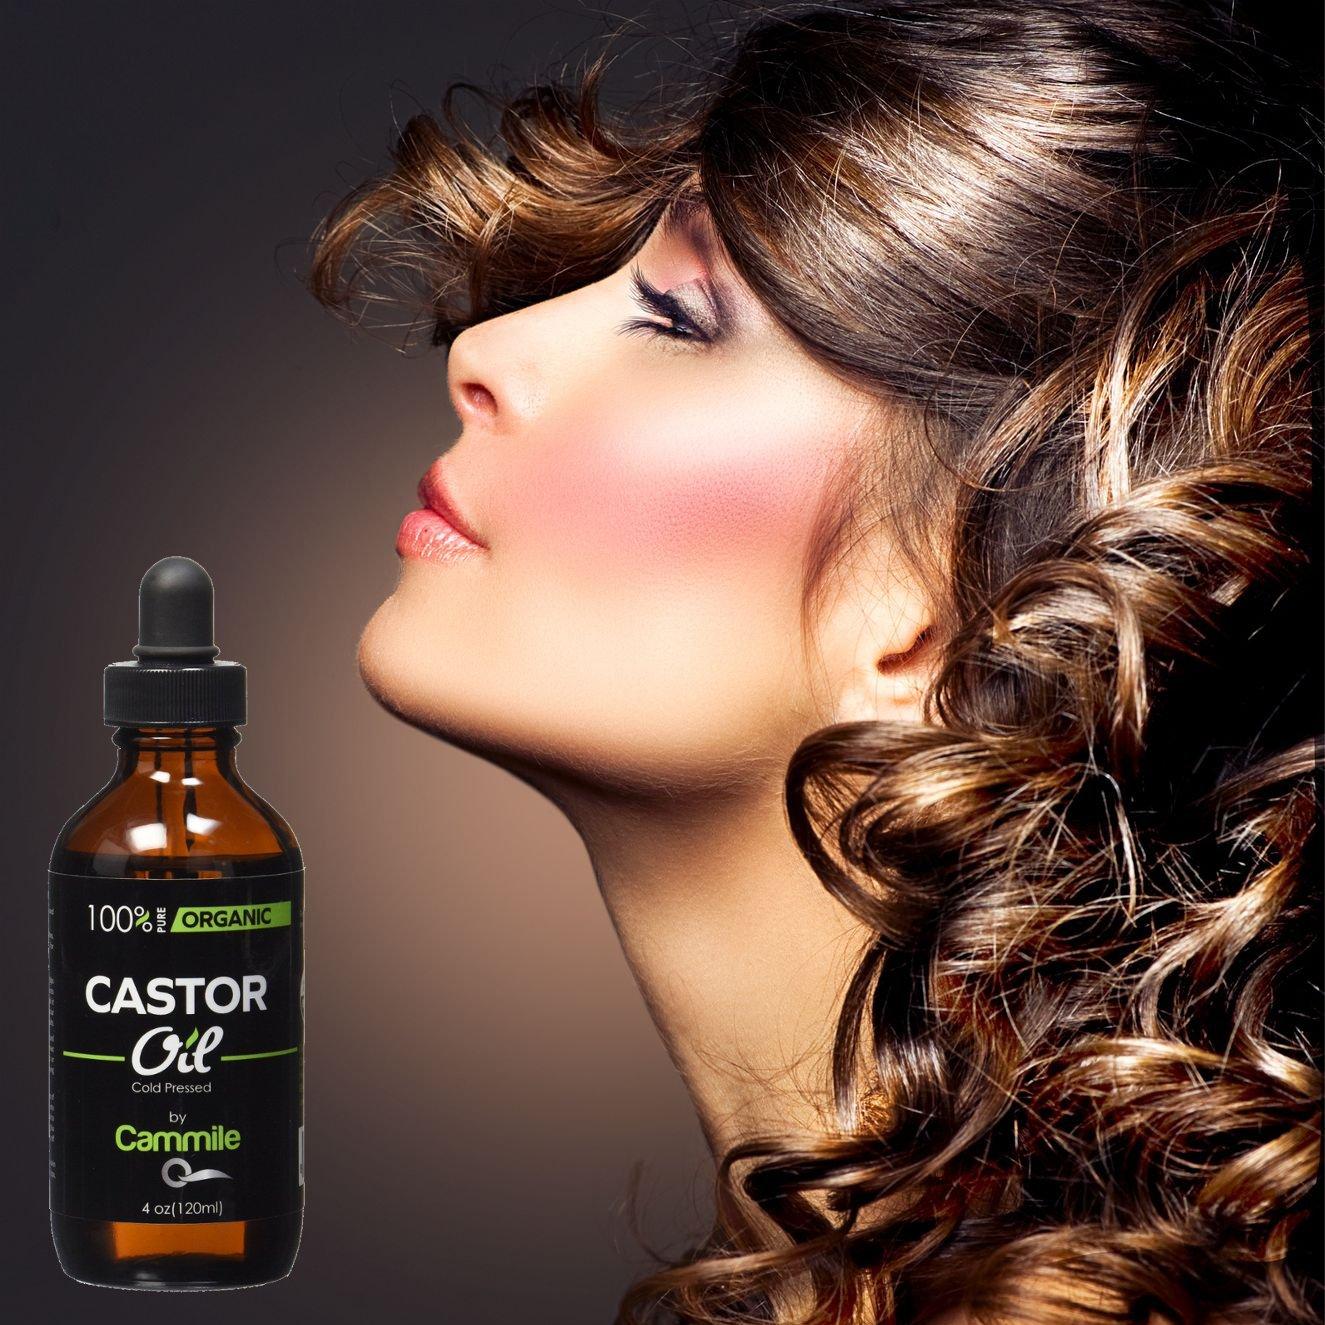 Organic Castor Oil For Eyelashes, Eyebrows, Hair & Skin ...